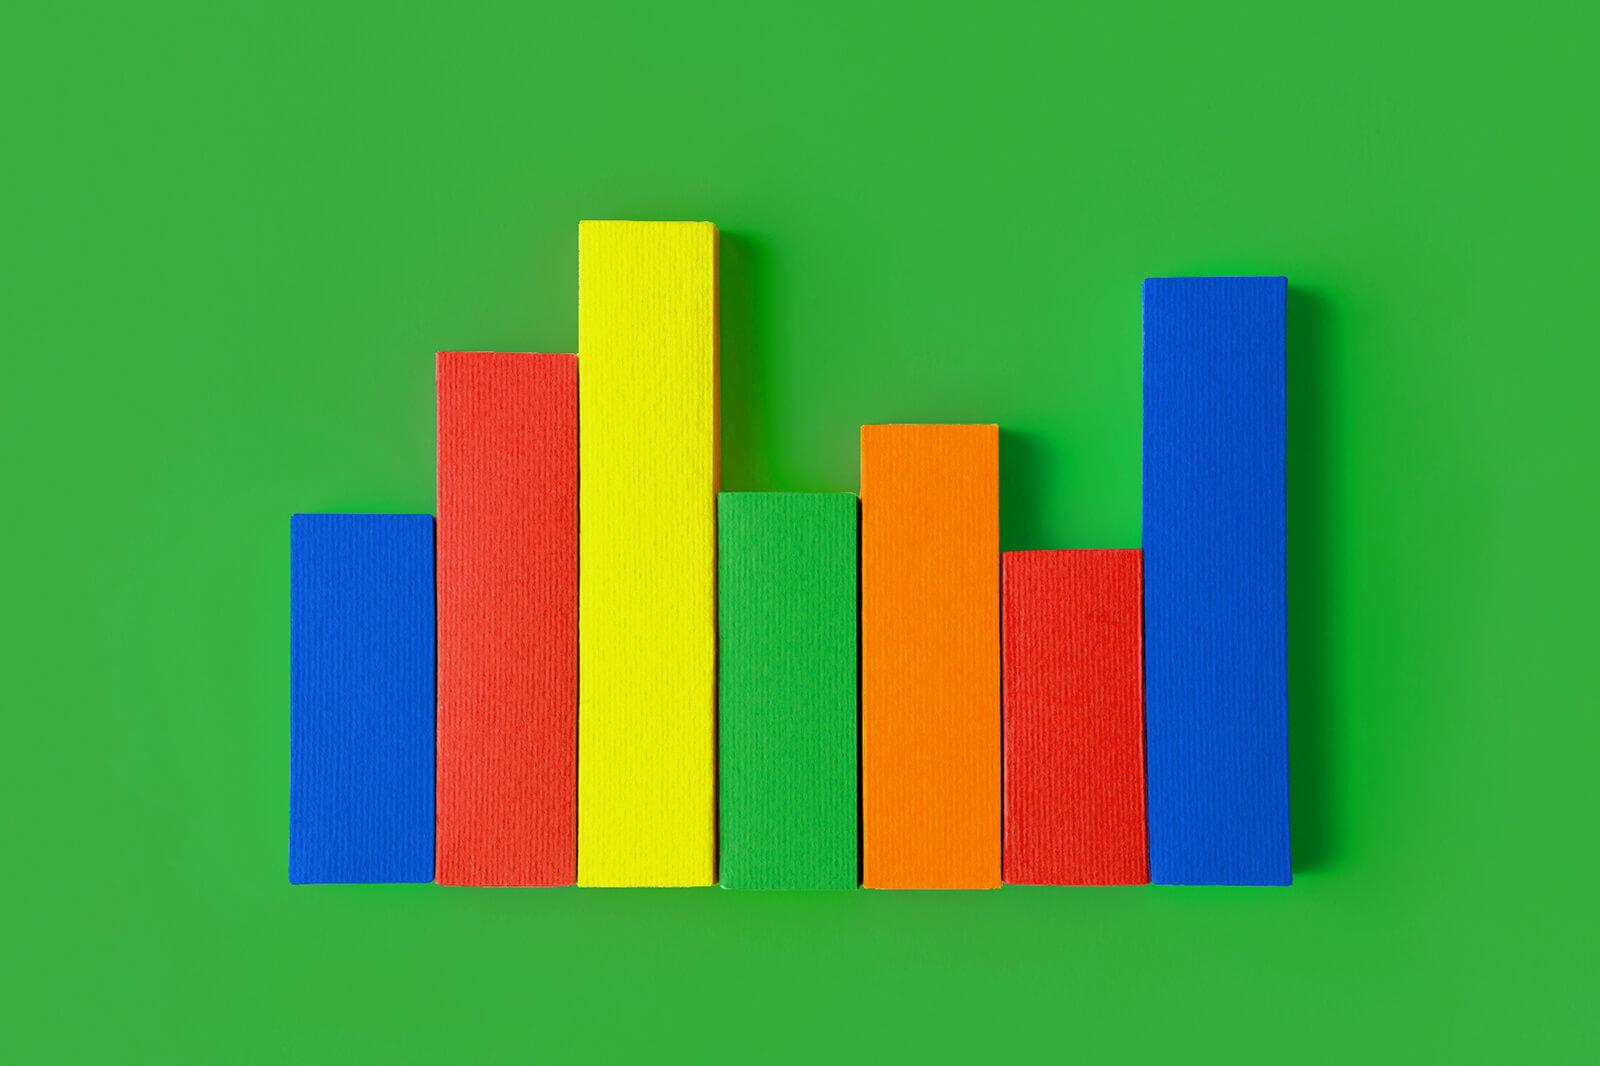 نظرسنجی مؤسسهی گالوپ خبر از مالکیت 6 درصدی بیتکوین توسط سرمایهگذاران آمریکایی میدهد